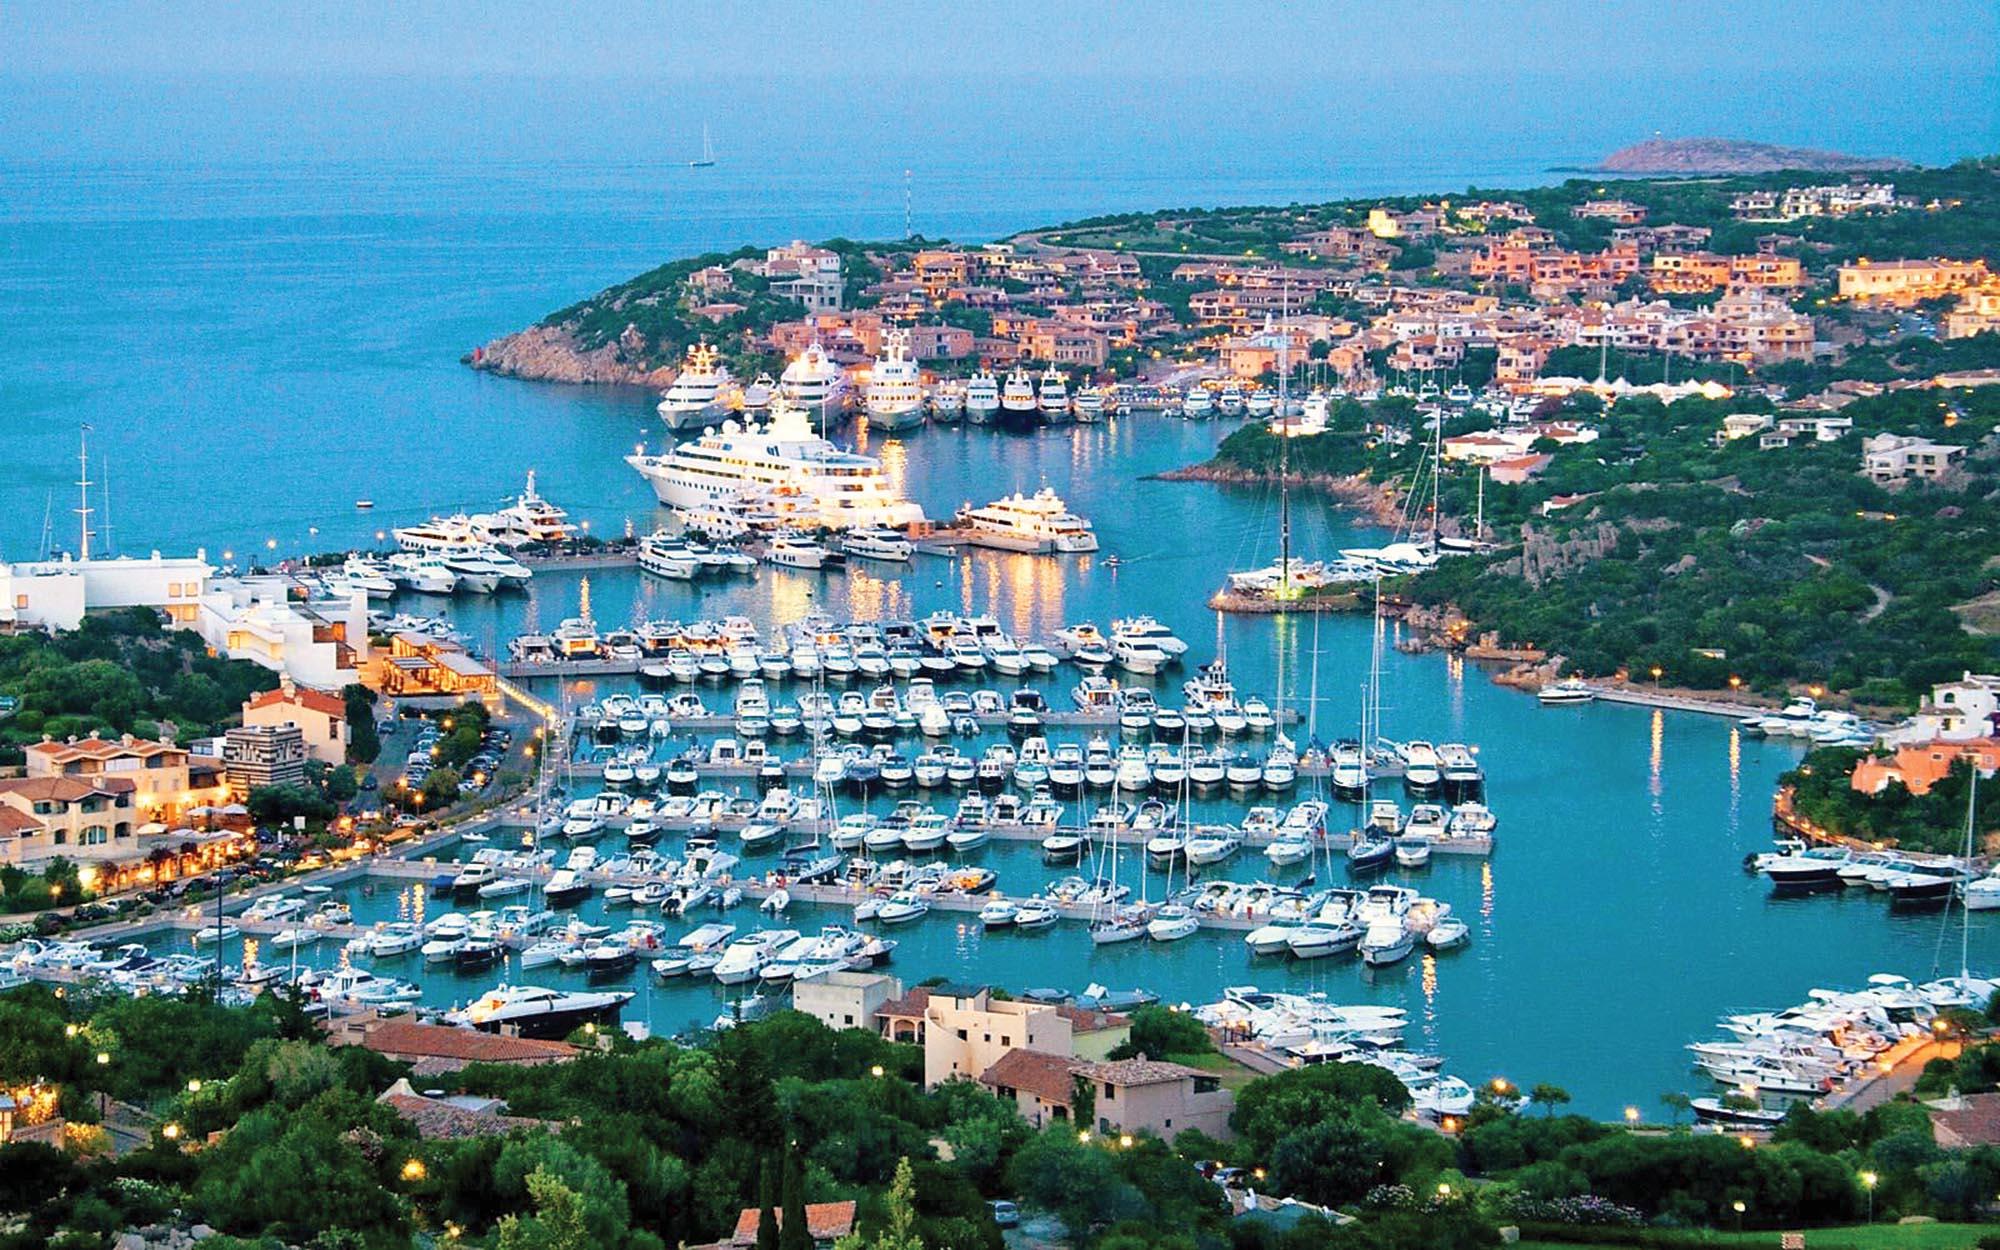 Марина Порто-Черво. Найдорожче місце  на Сардинії